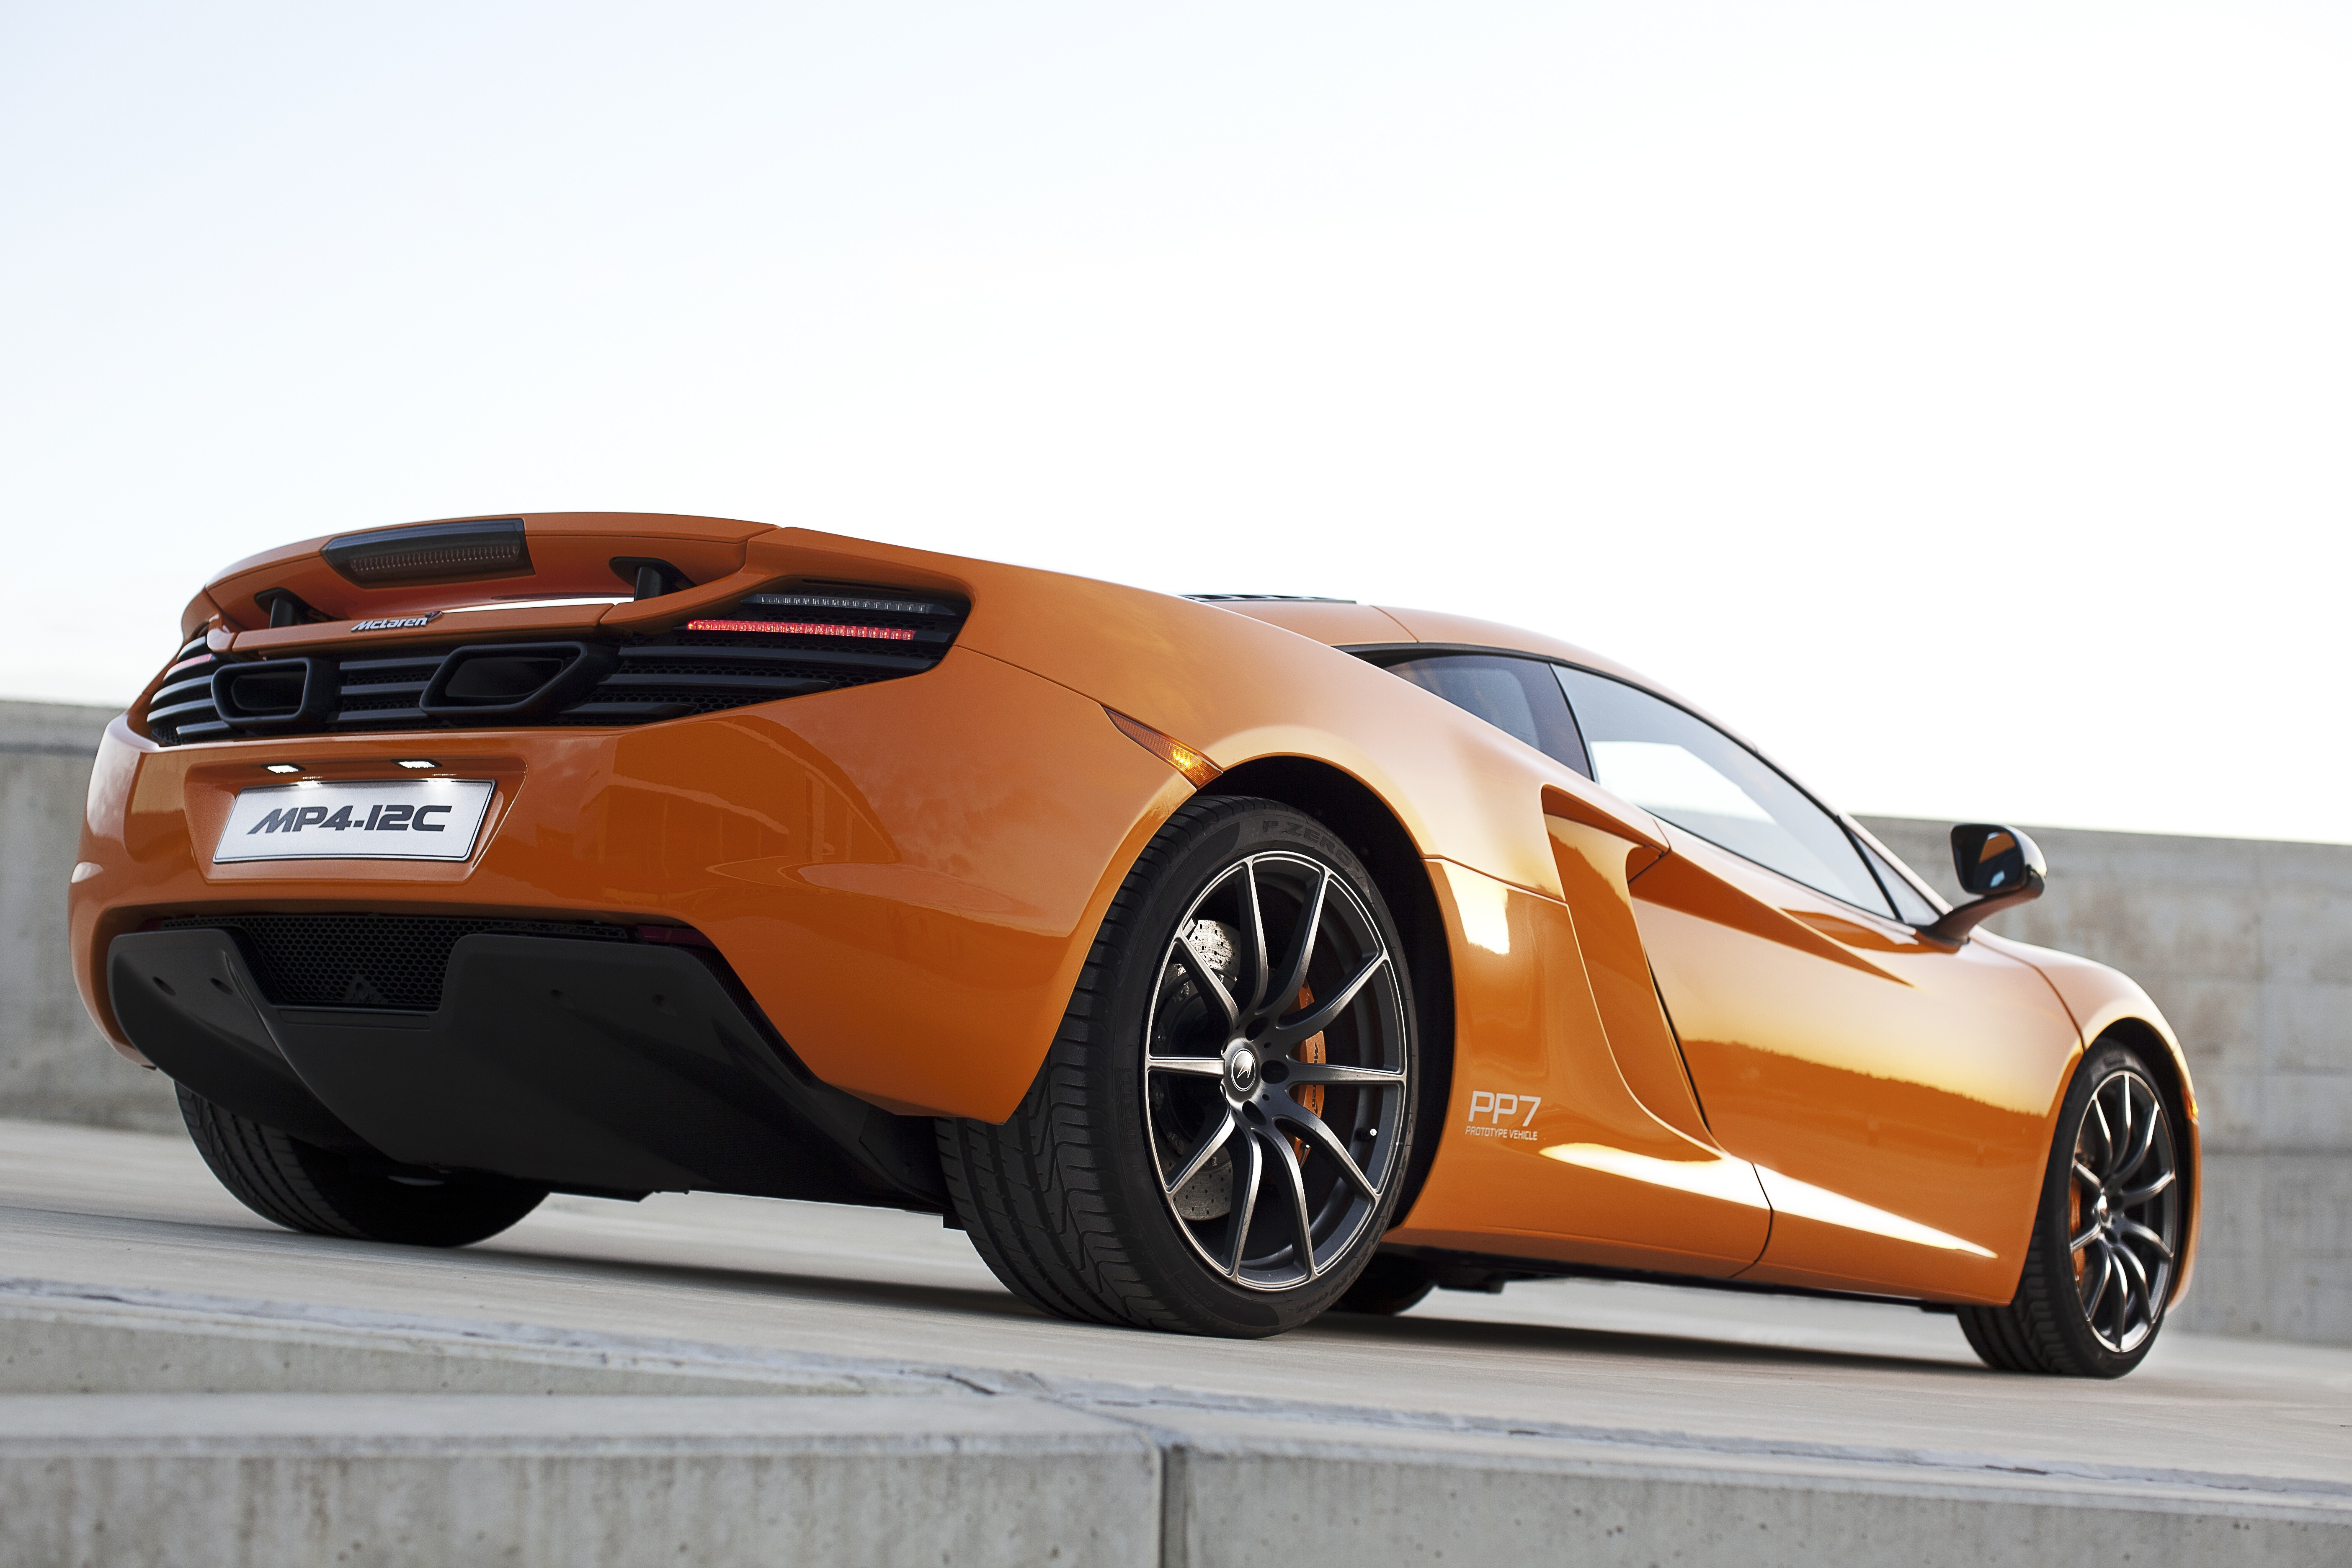 McLaren MP4-12C 2012 bright orange PP7 rear